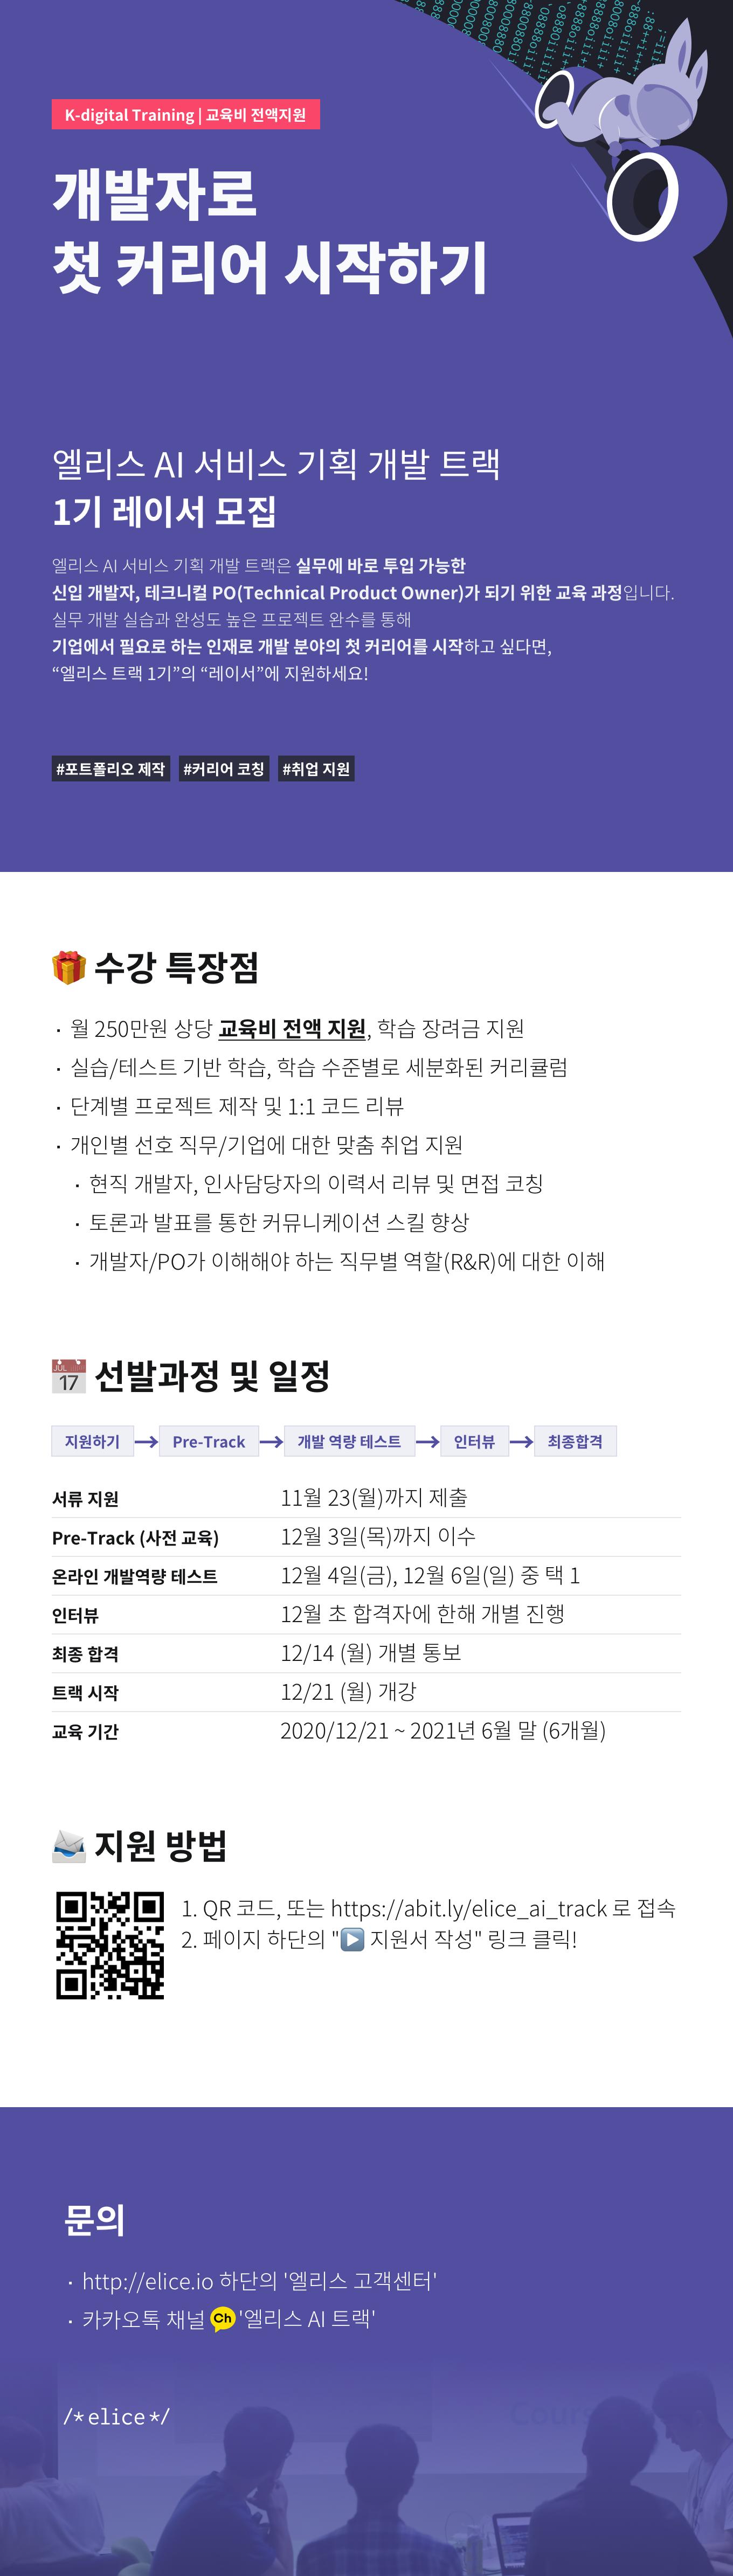 엘리스-AI 서비스 기획 개발 트랙 1기 모집.png